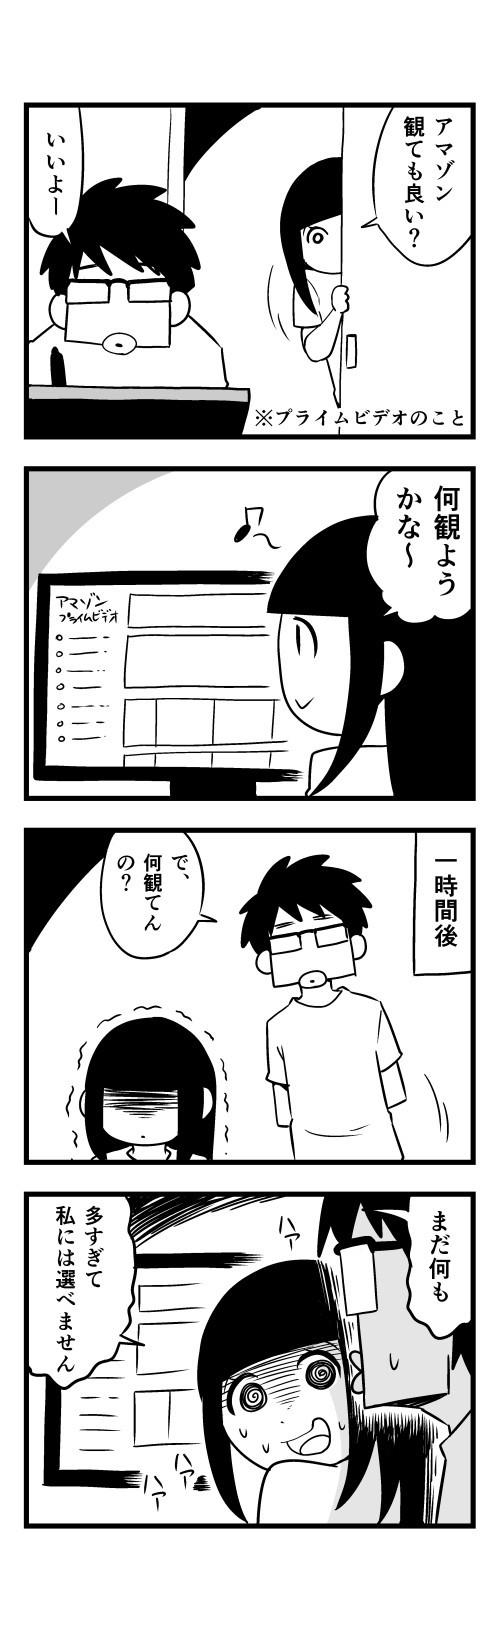 日記マンガ28